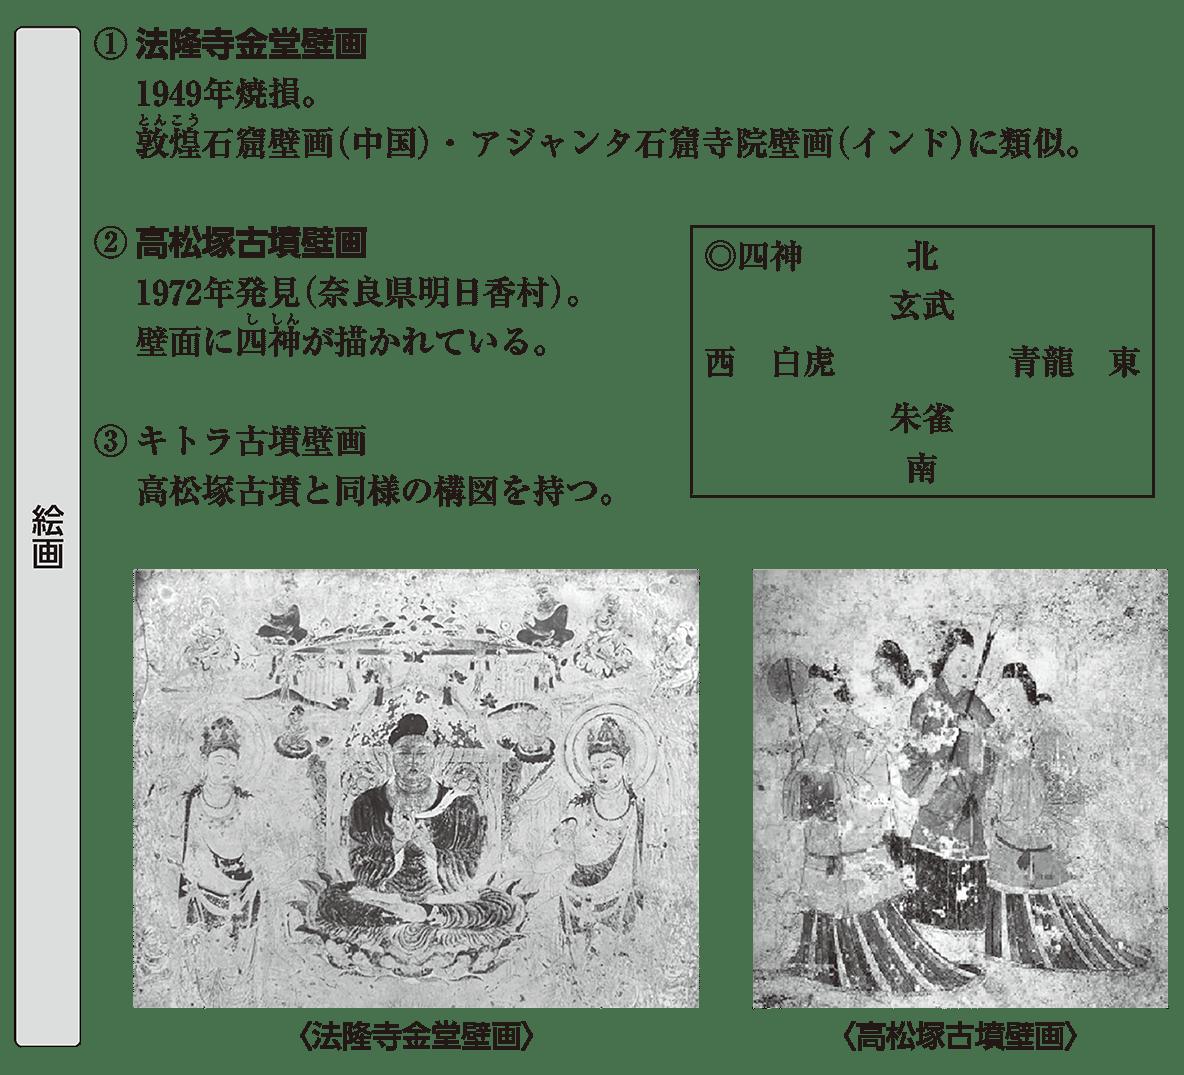 原始・古代文化5 ポイント1 絵画